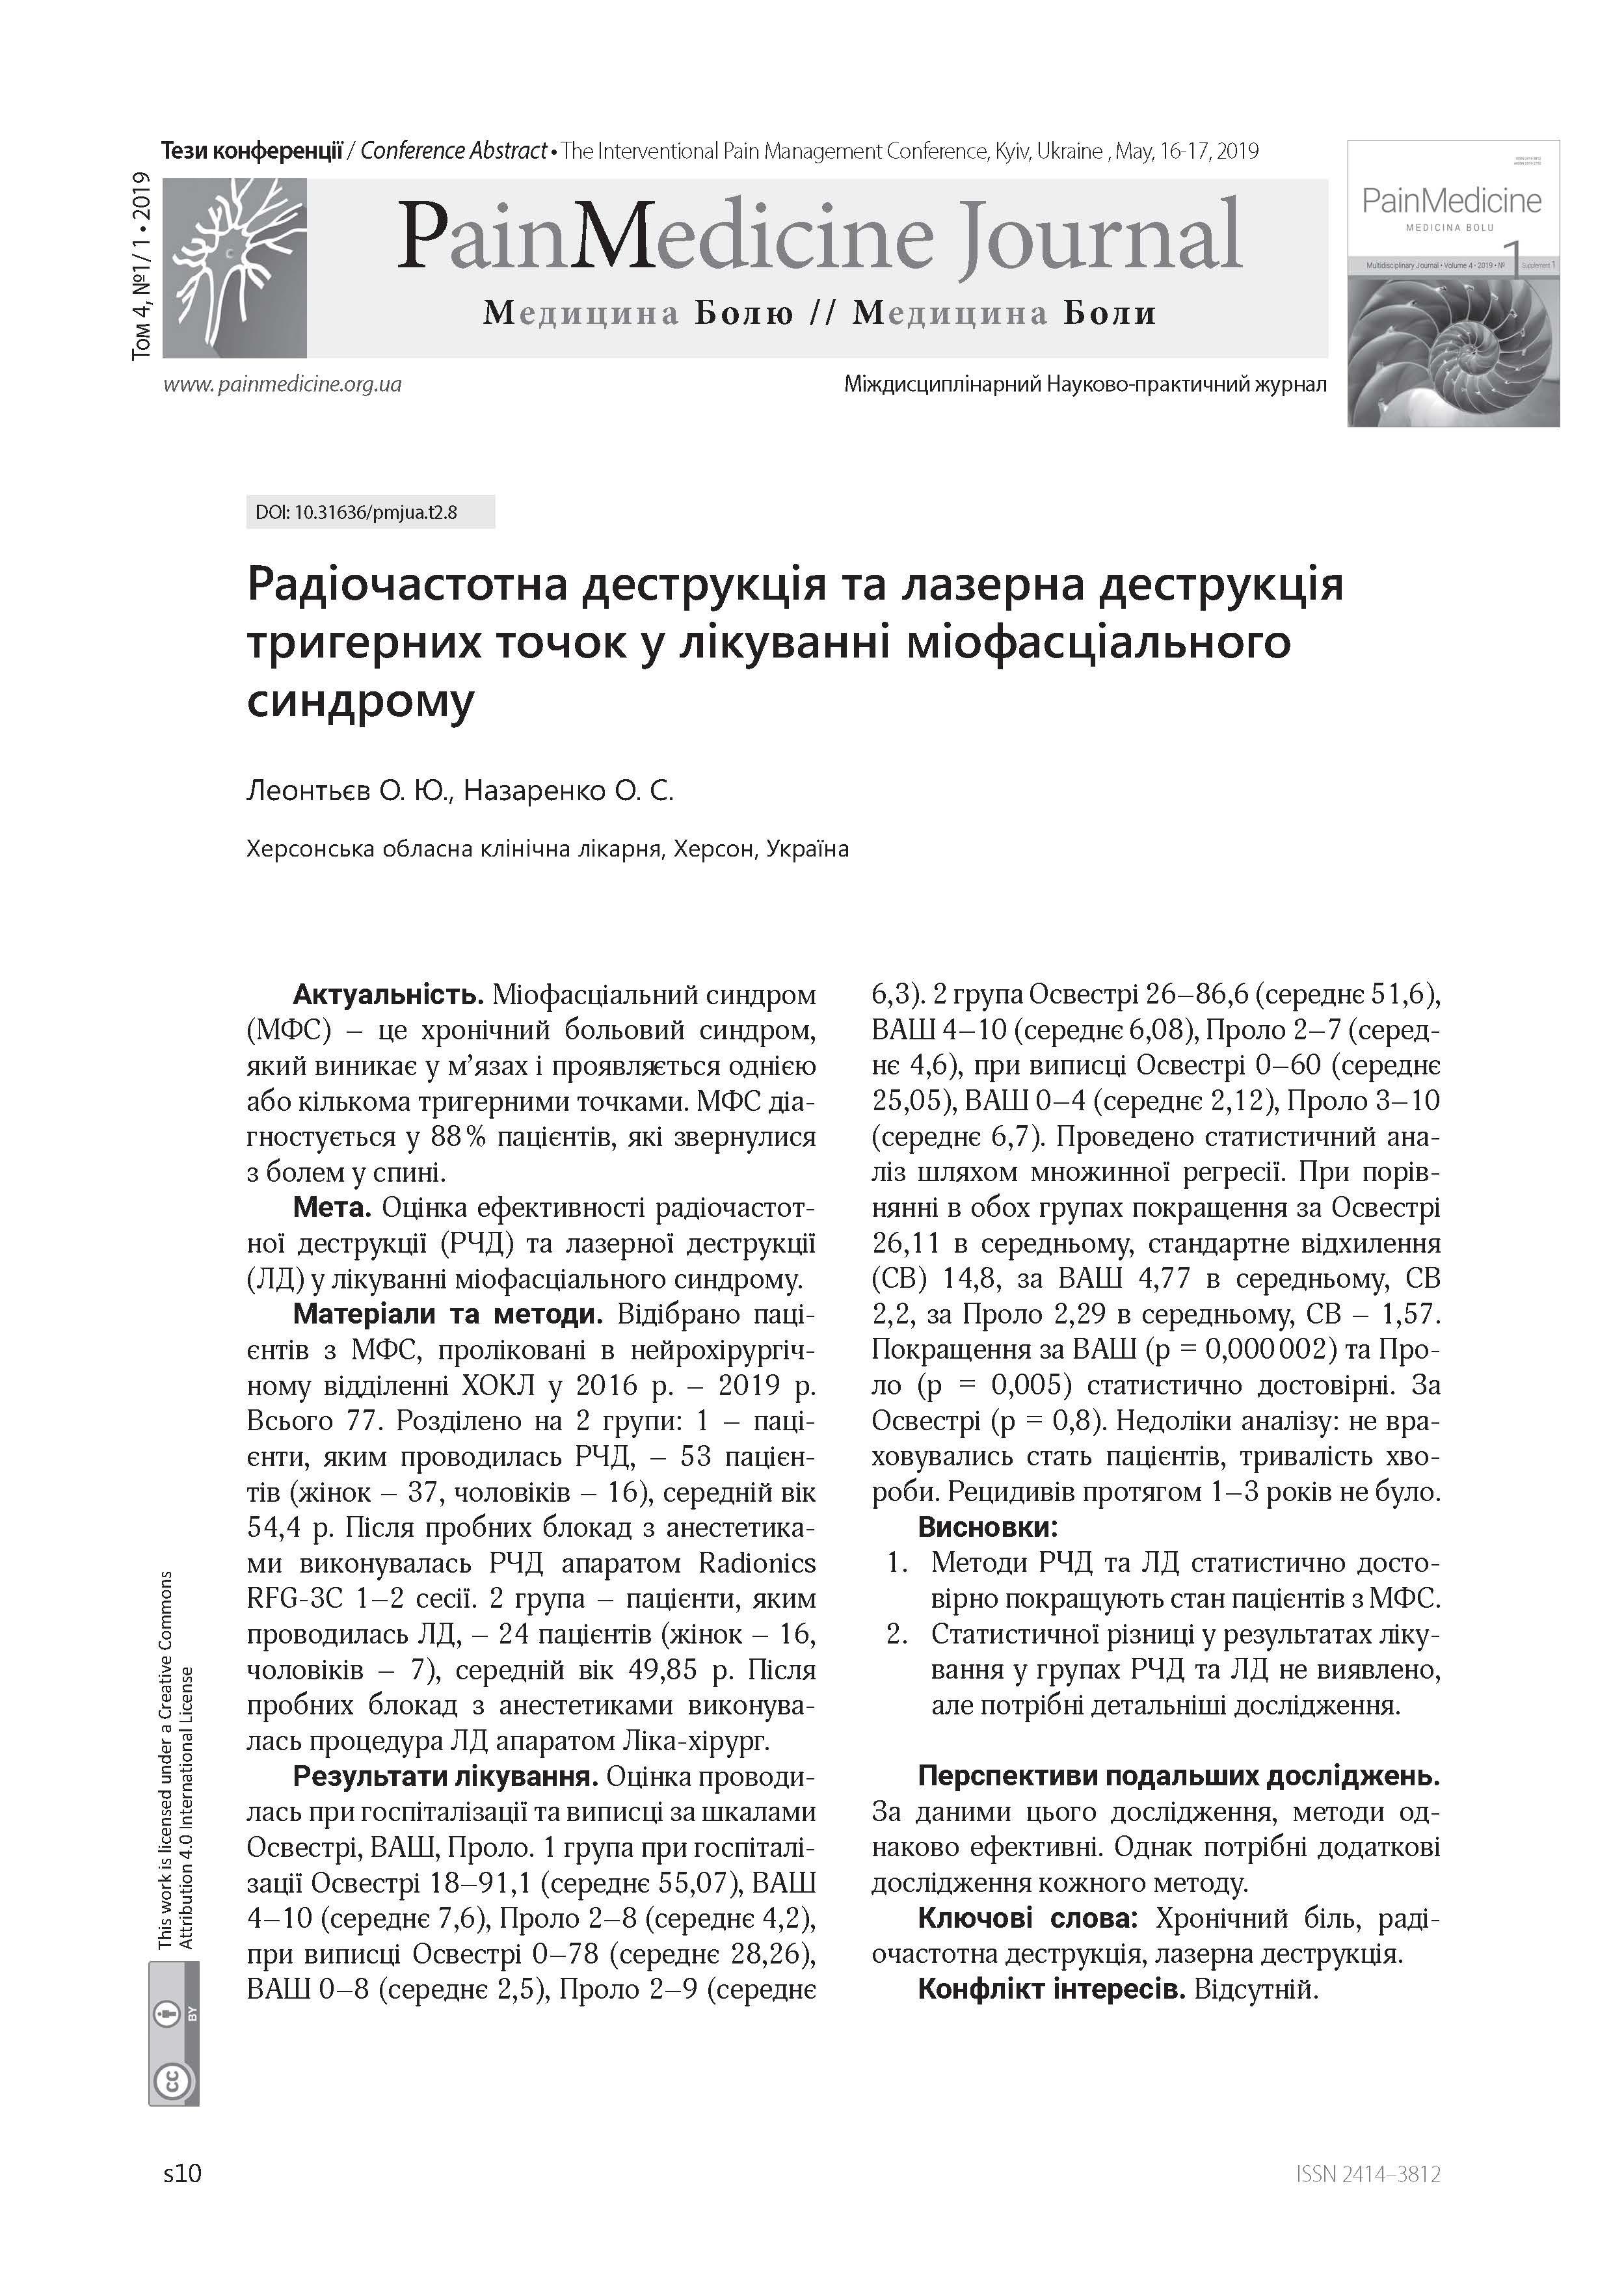 Радіочастотна деструкція та лазерна деструкція тригерних точок у лікуванні міофасціального синдрому